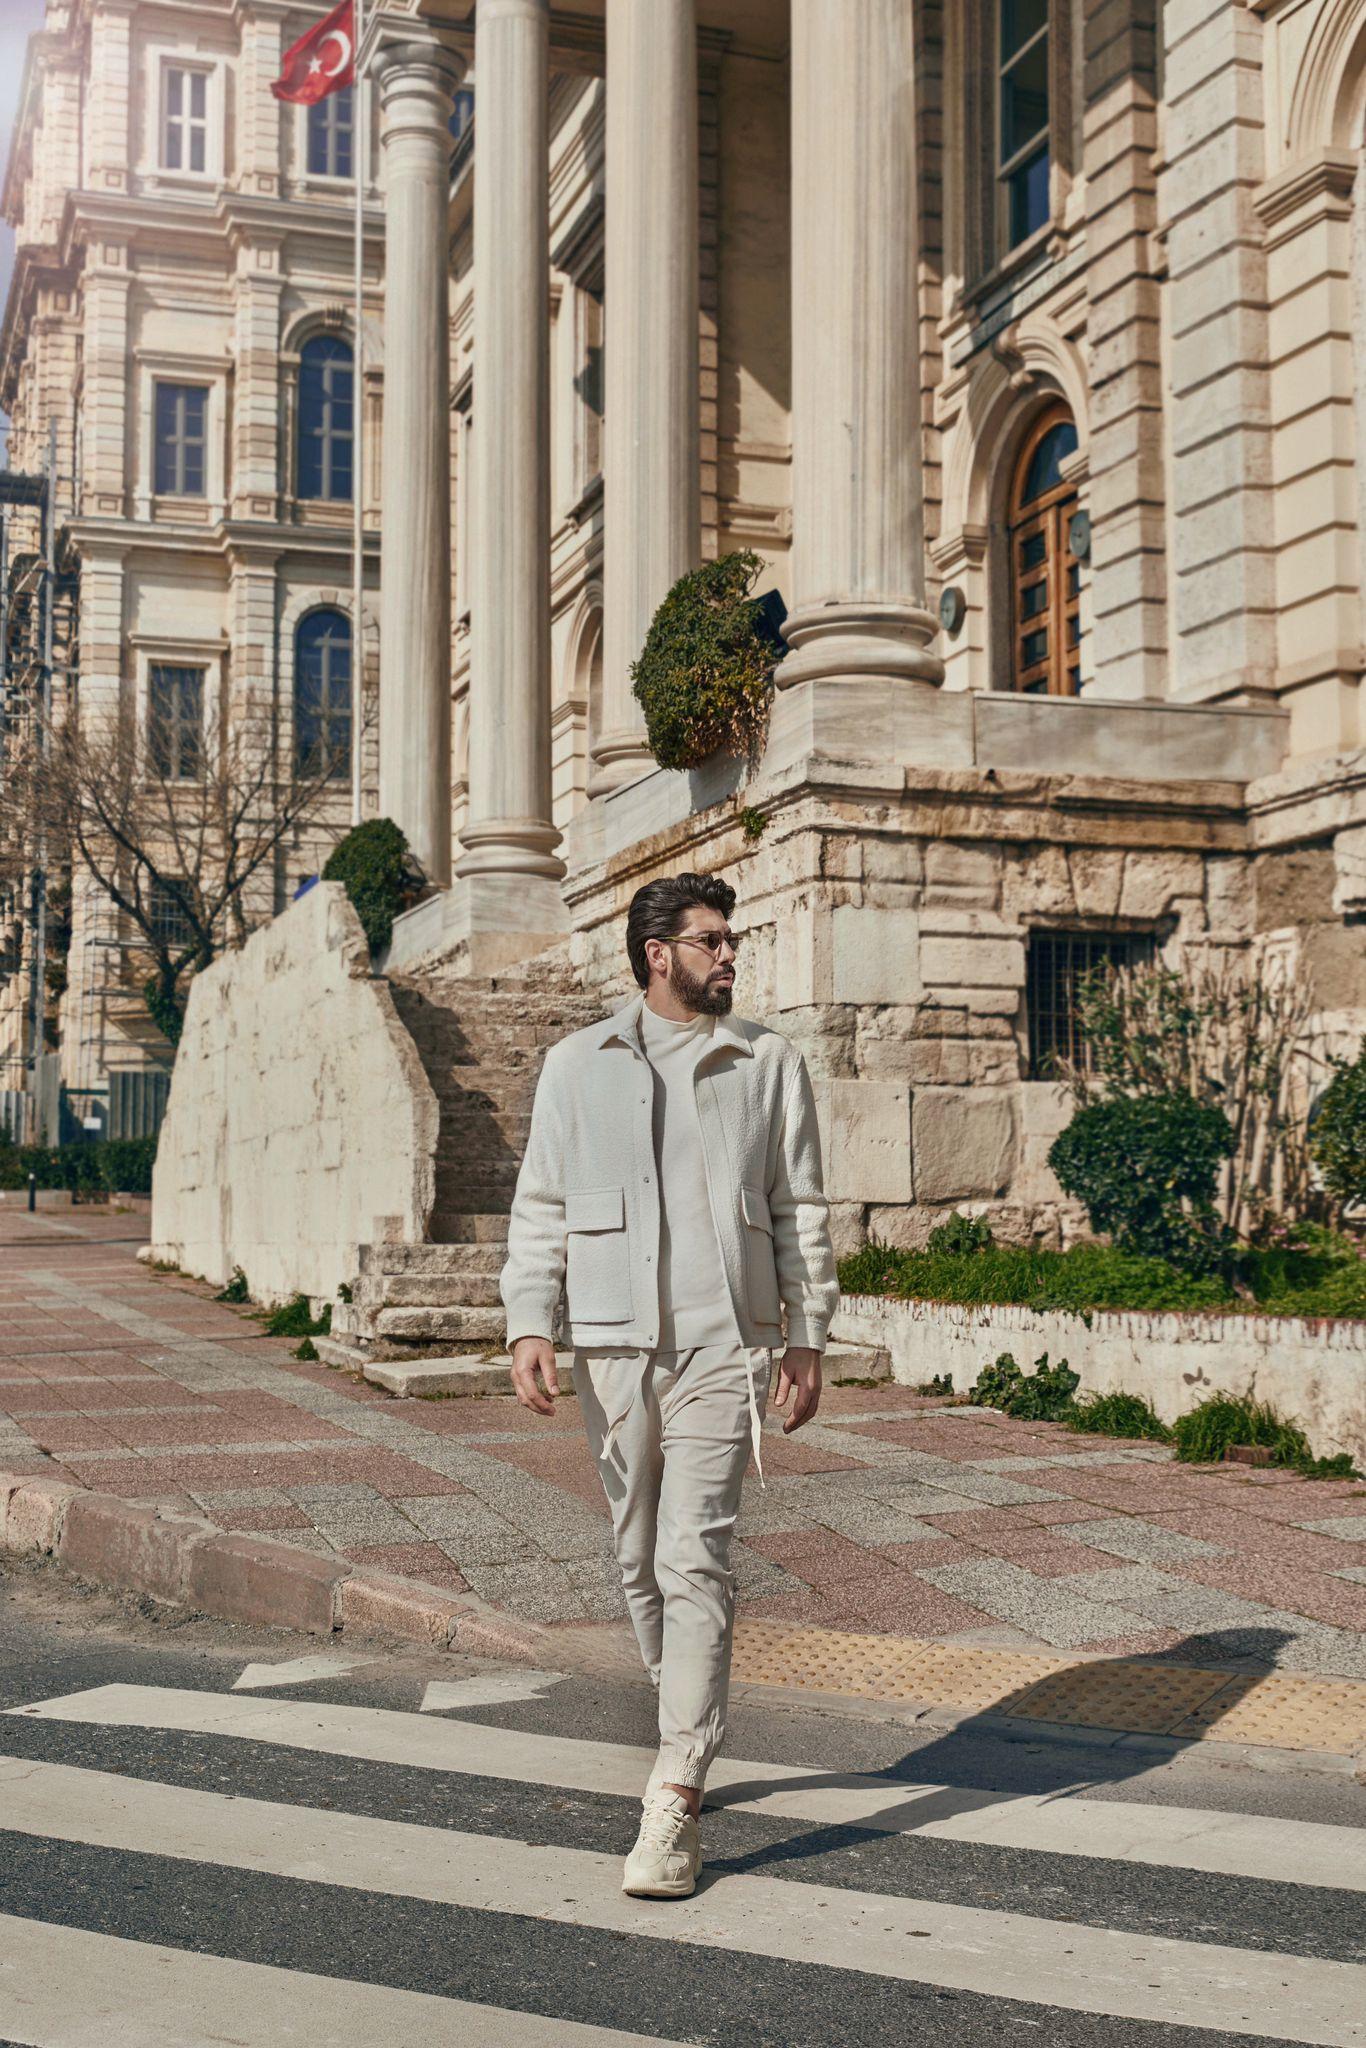 Tolga Yüce Kimdir? Tolga Yüce ; Türk sinema ve dizi oyuncusu, yönetmen ve yapımcı, iş adamı.